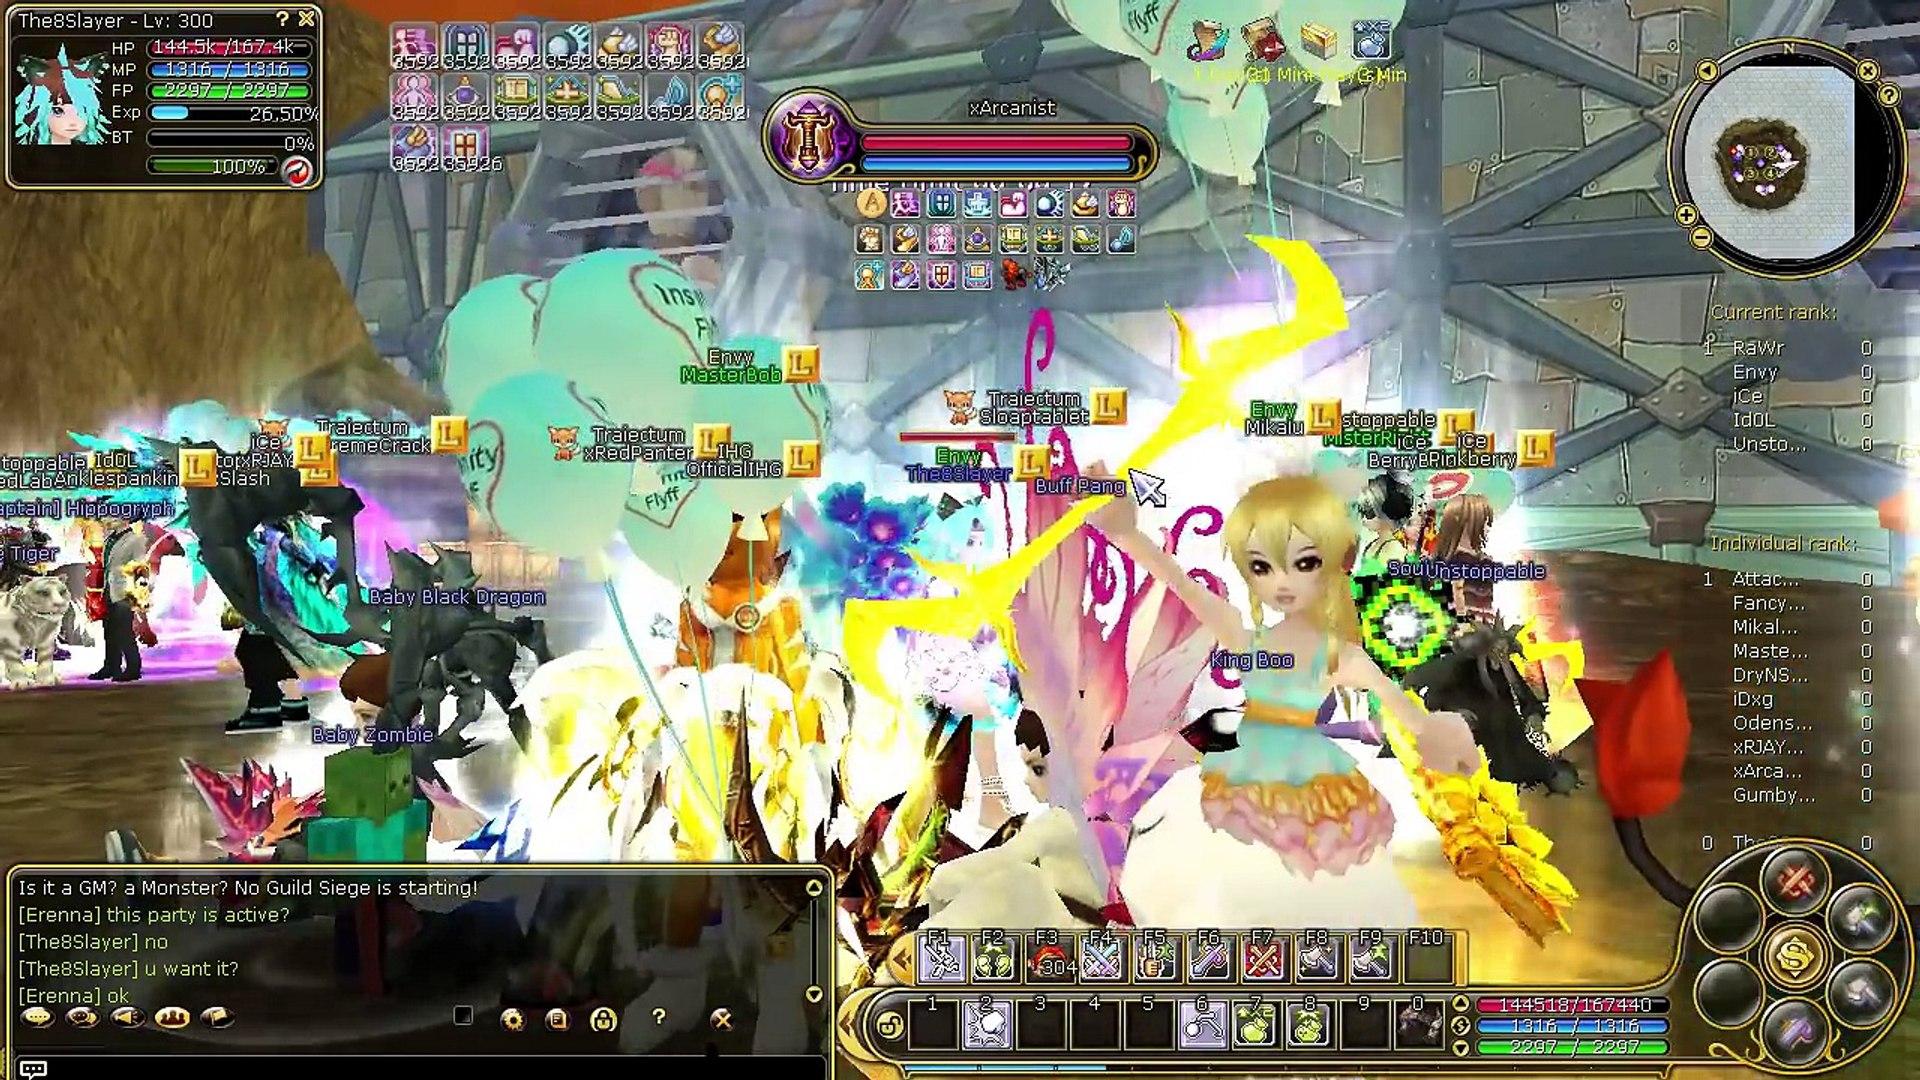 Insanity Flyff E125 - Guild Siege 23 September new